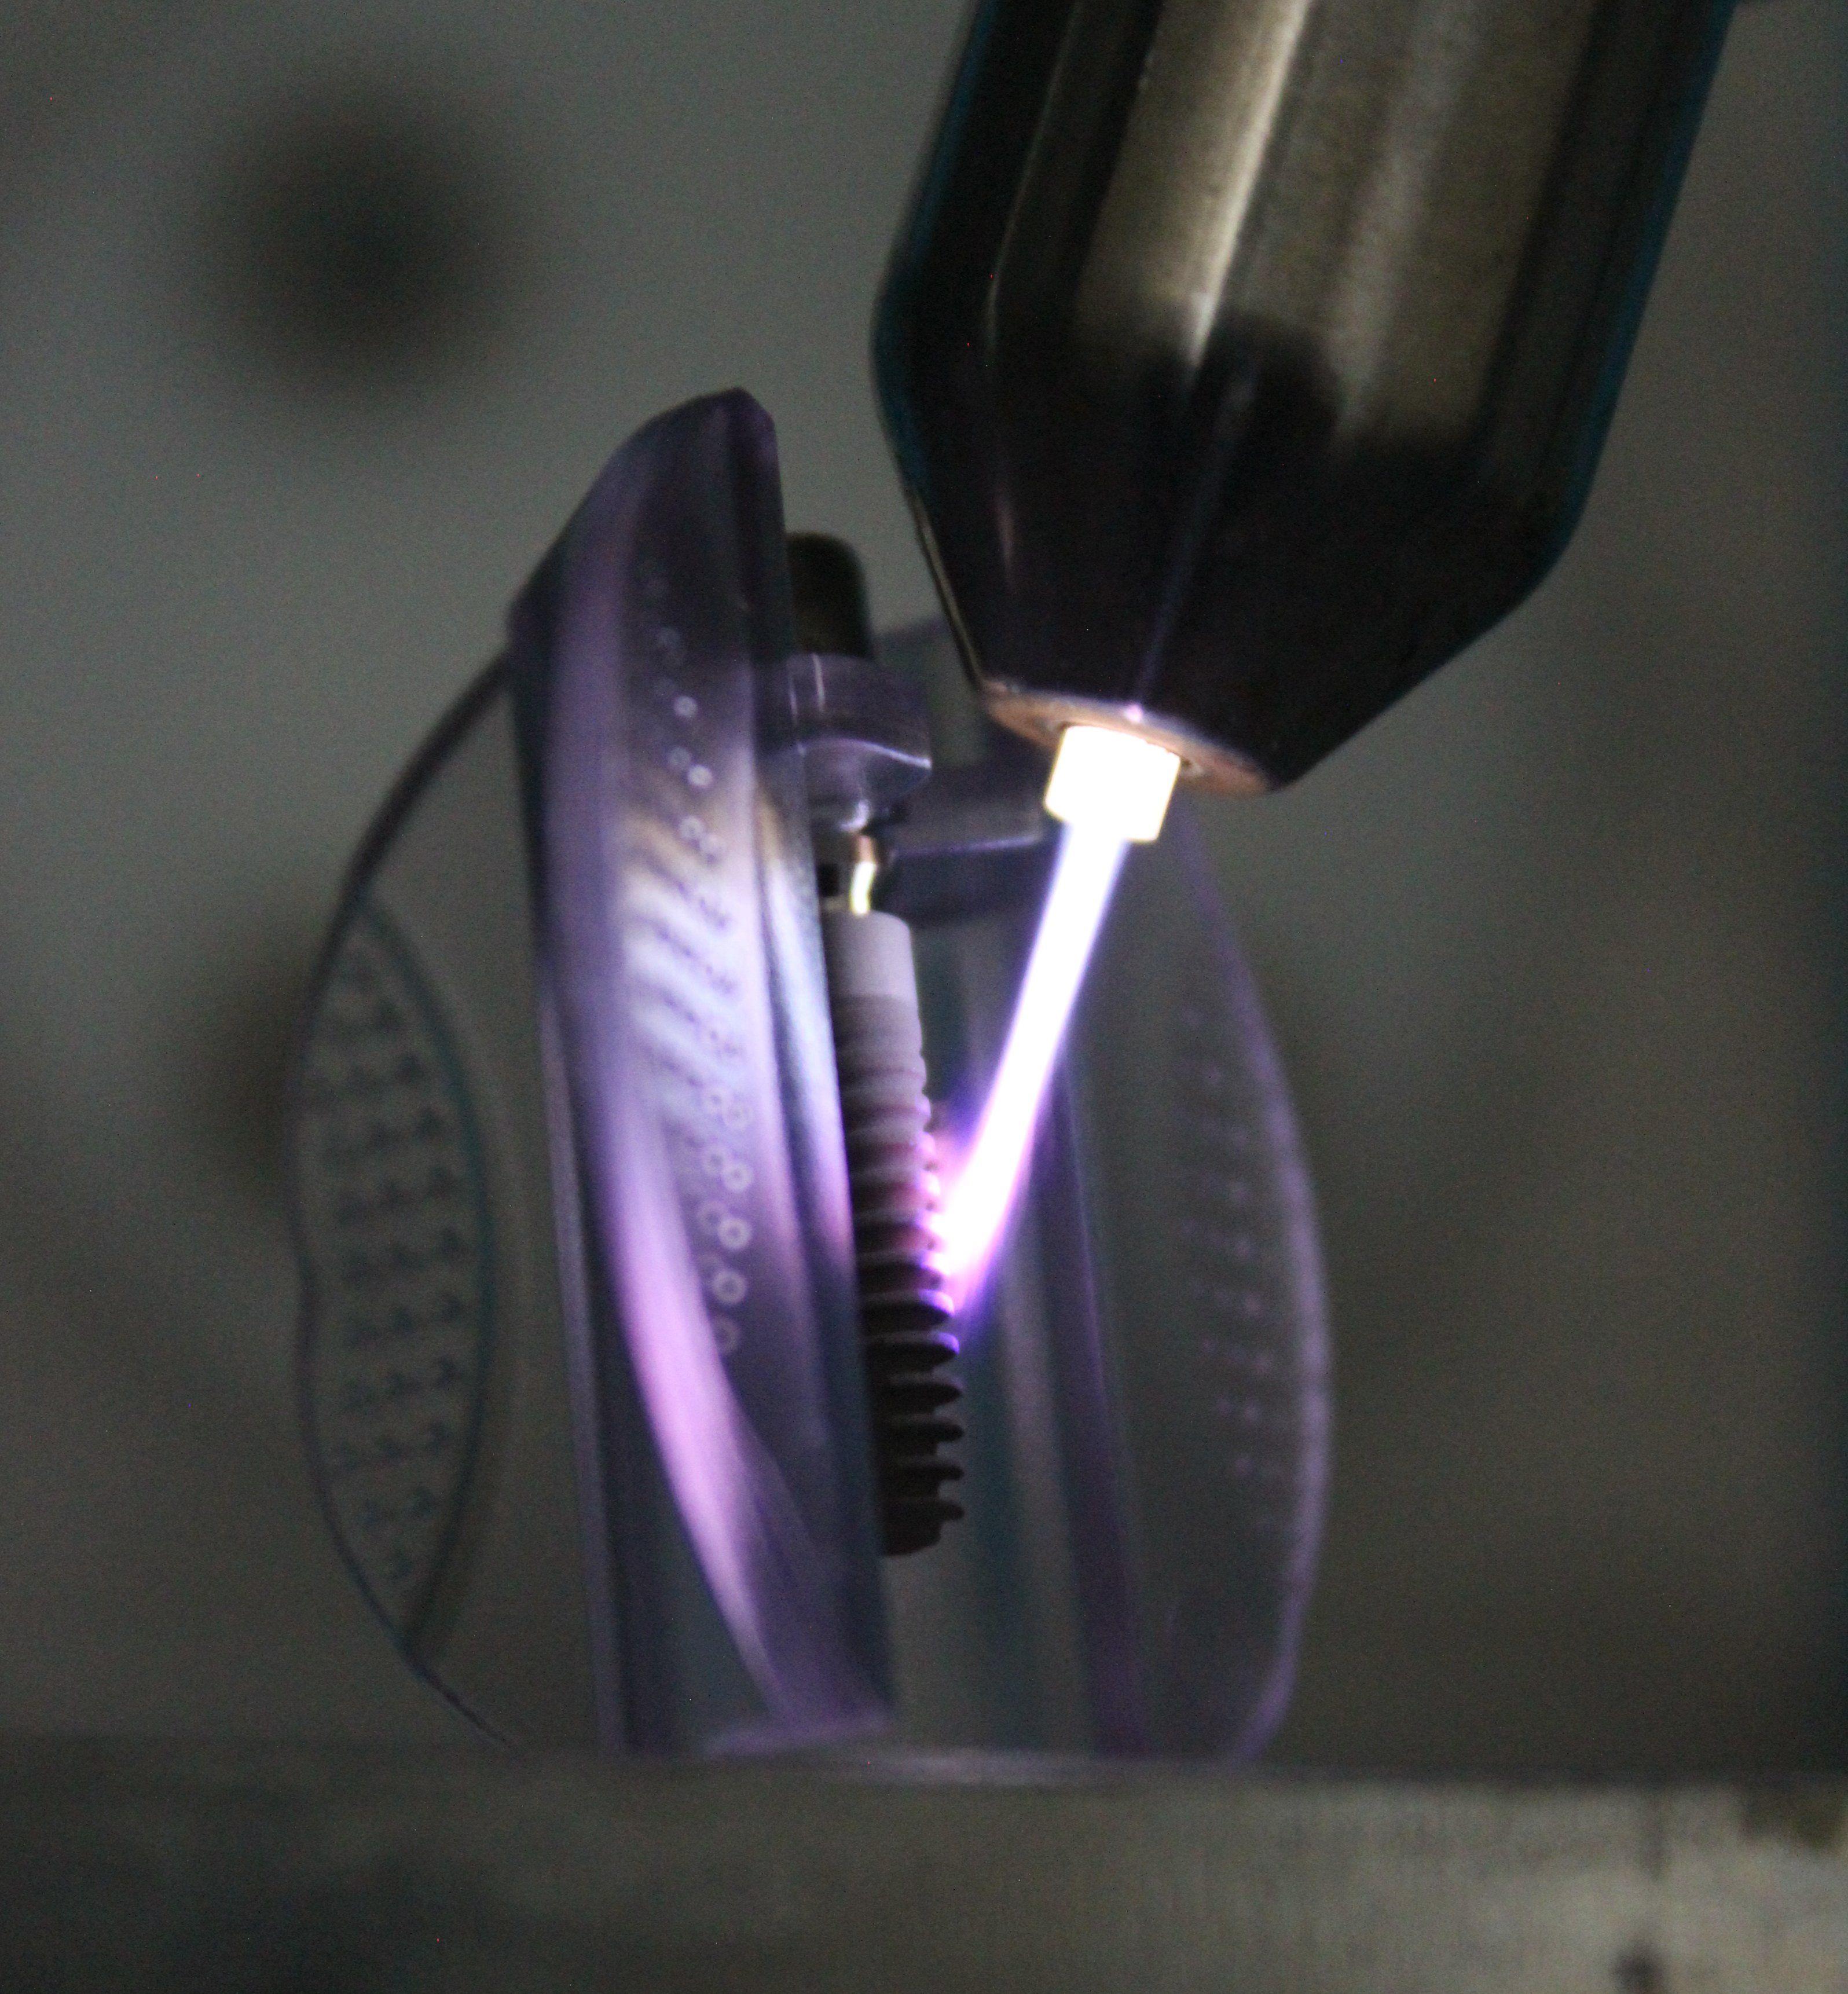 Zahnimplantat wird mit Plasma behandelt.